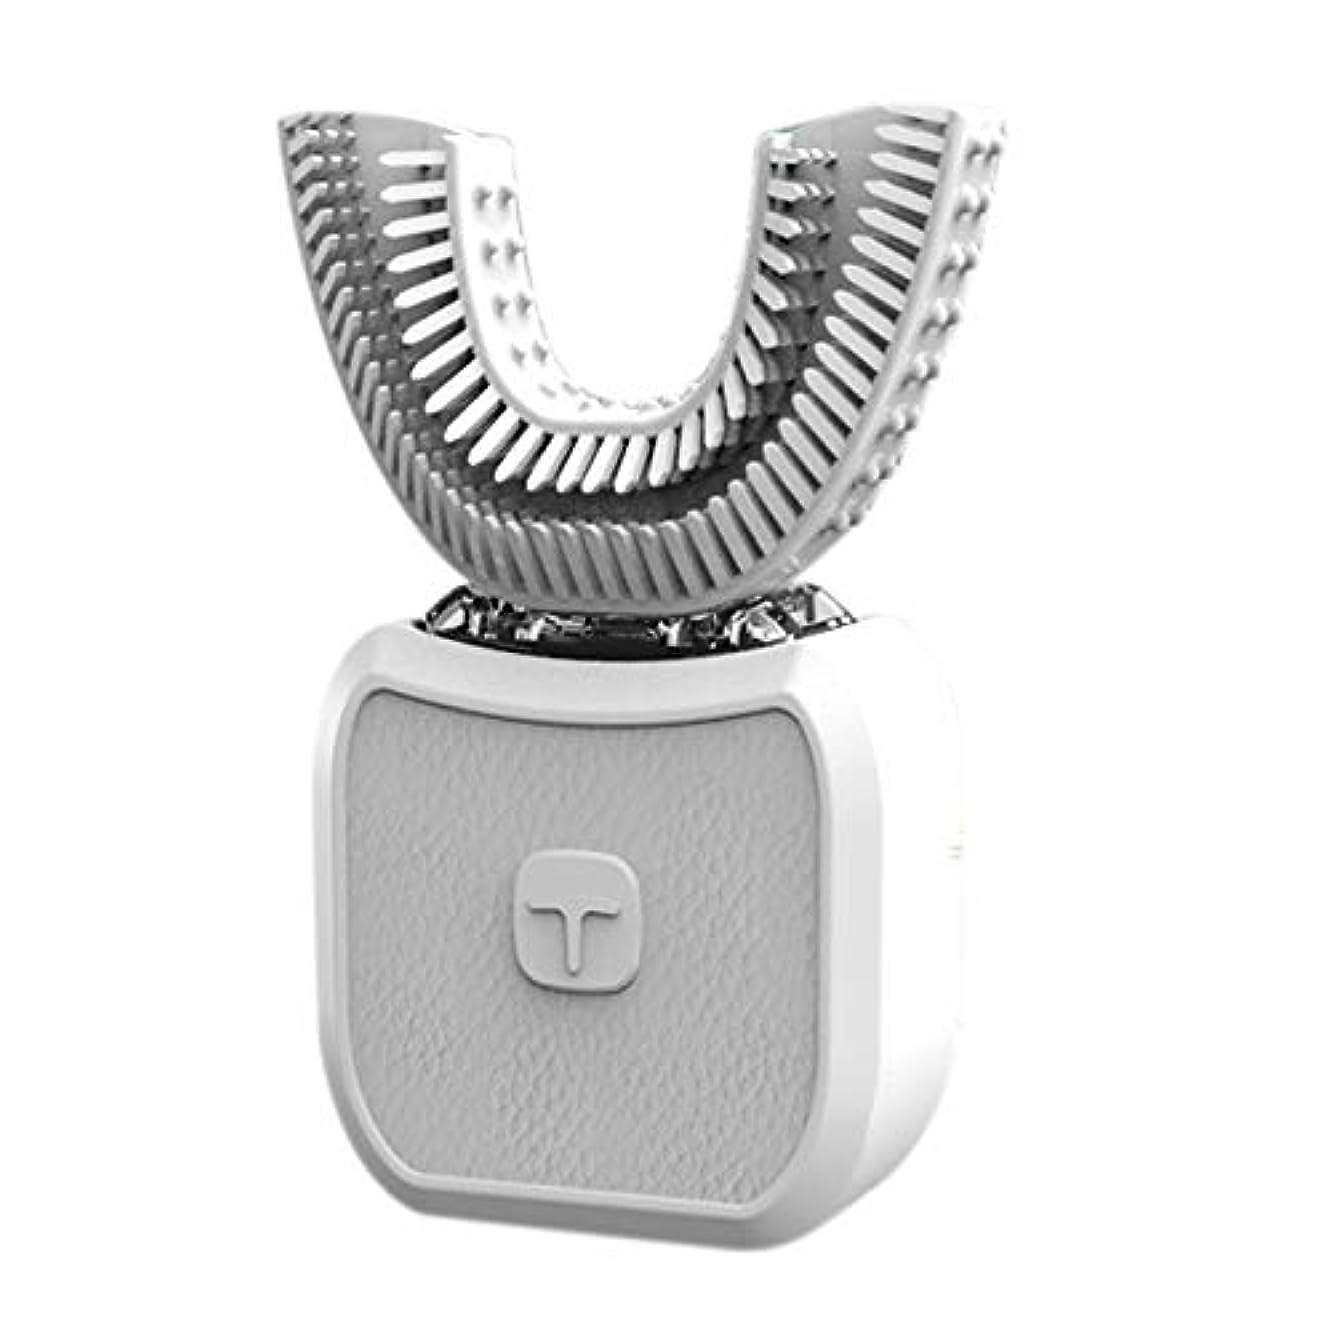 無限大あなたは出来事フルオートマチック可変周波数電動歯ブラシ、自動360度U字型電動歯ブラシ、ワイヤレス充電IPX7防水自動歯ブラシ(大人用),White